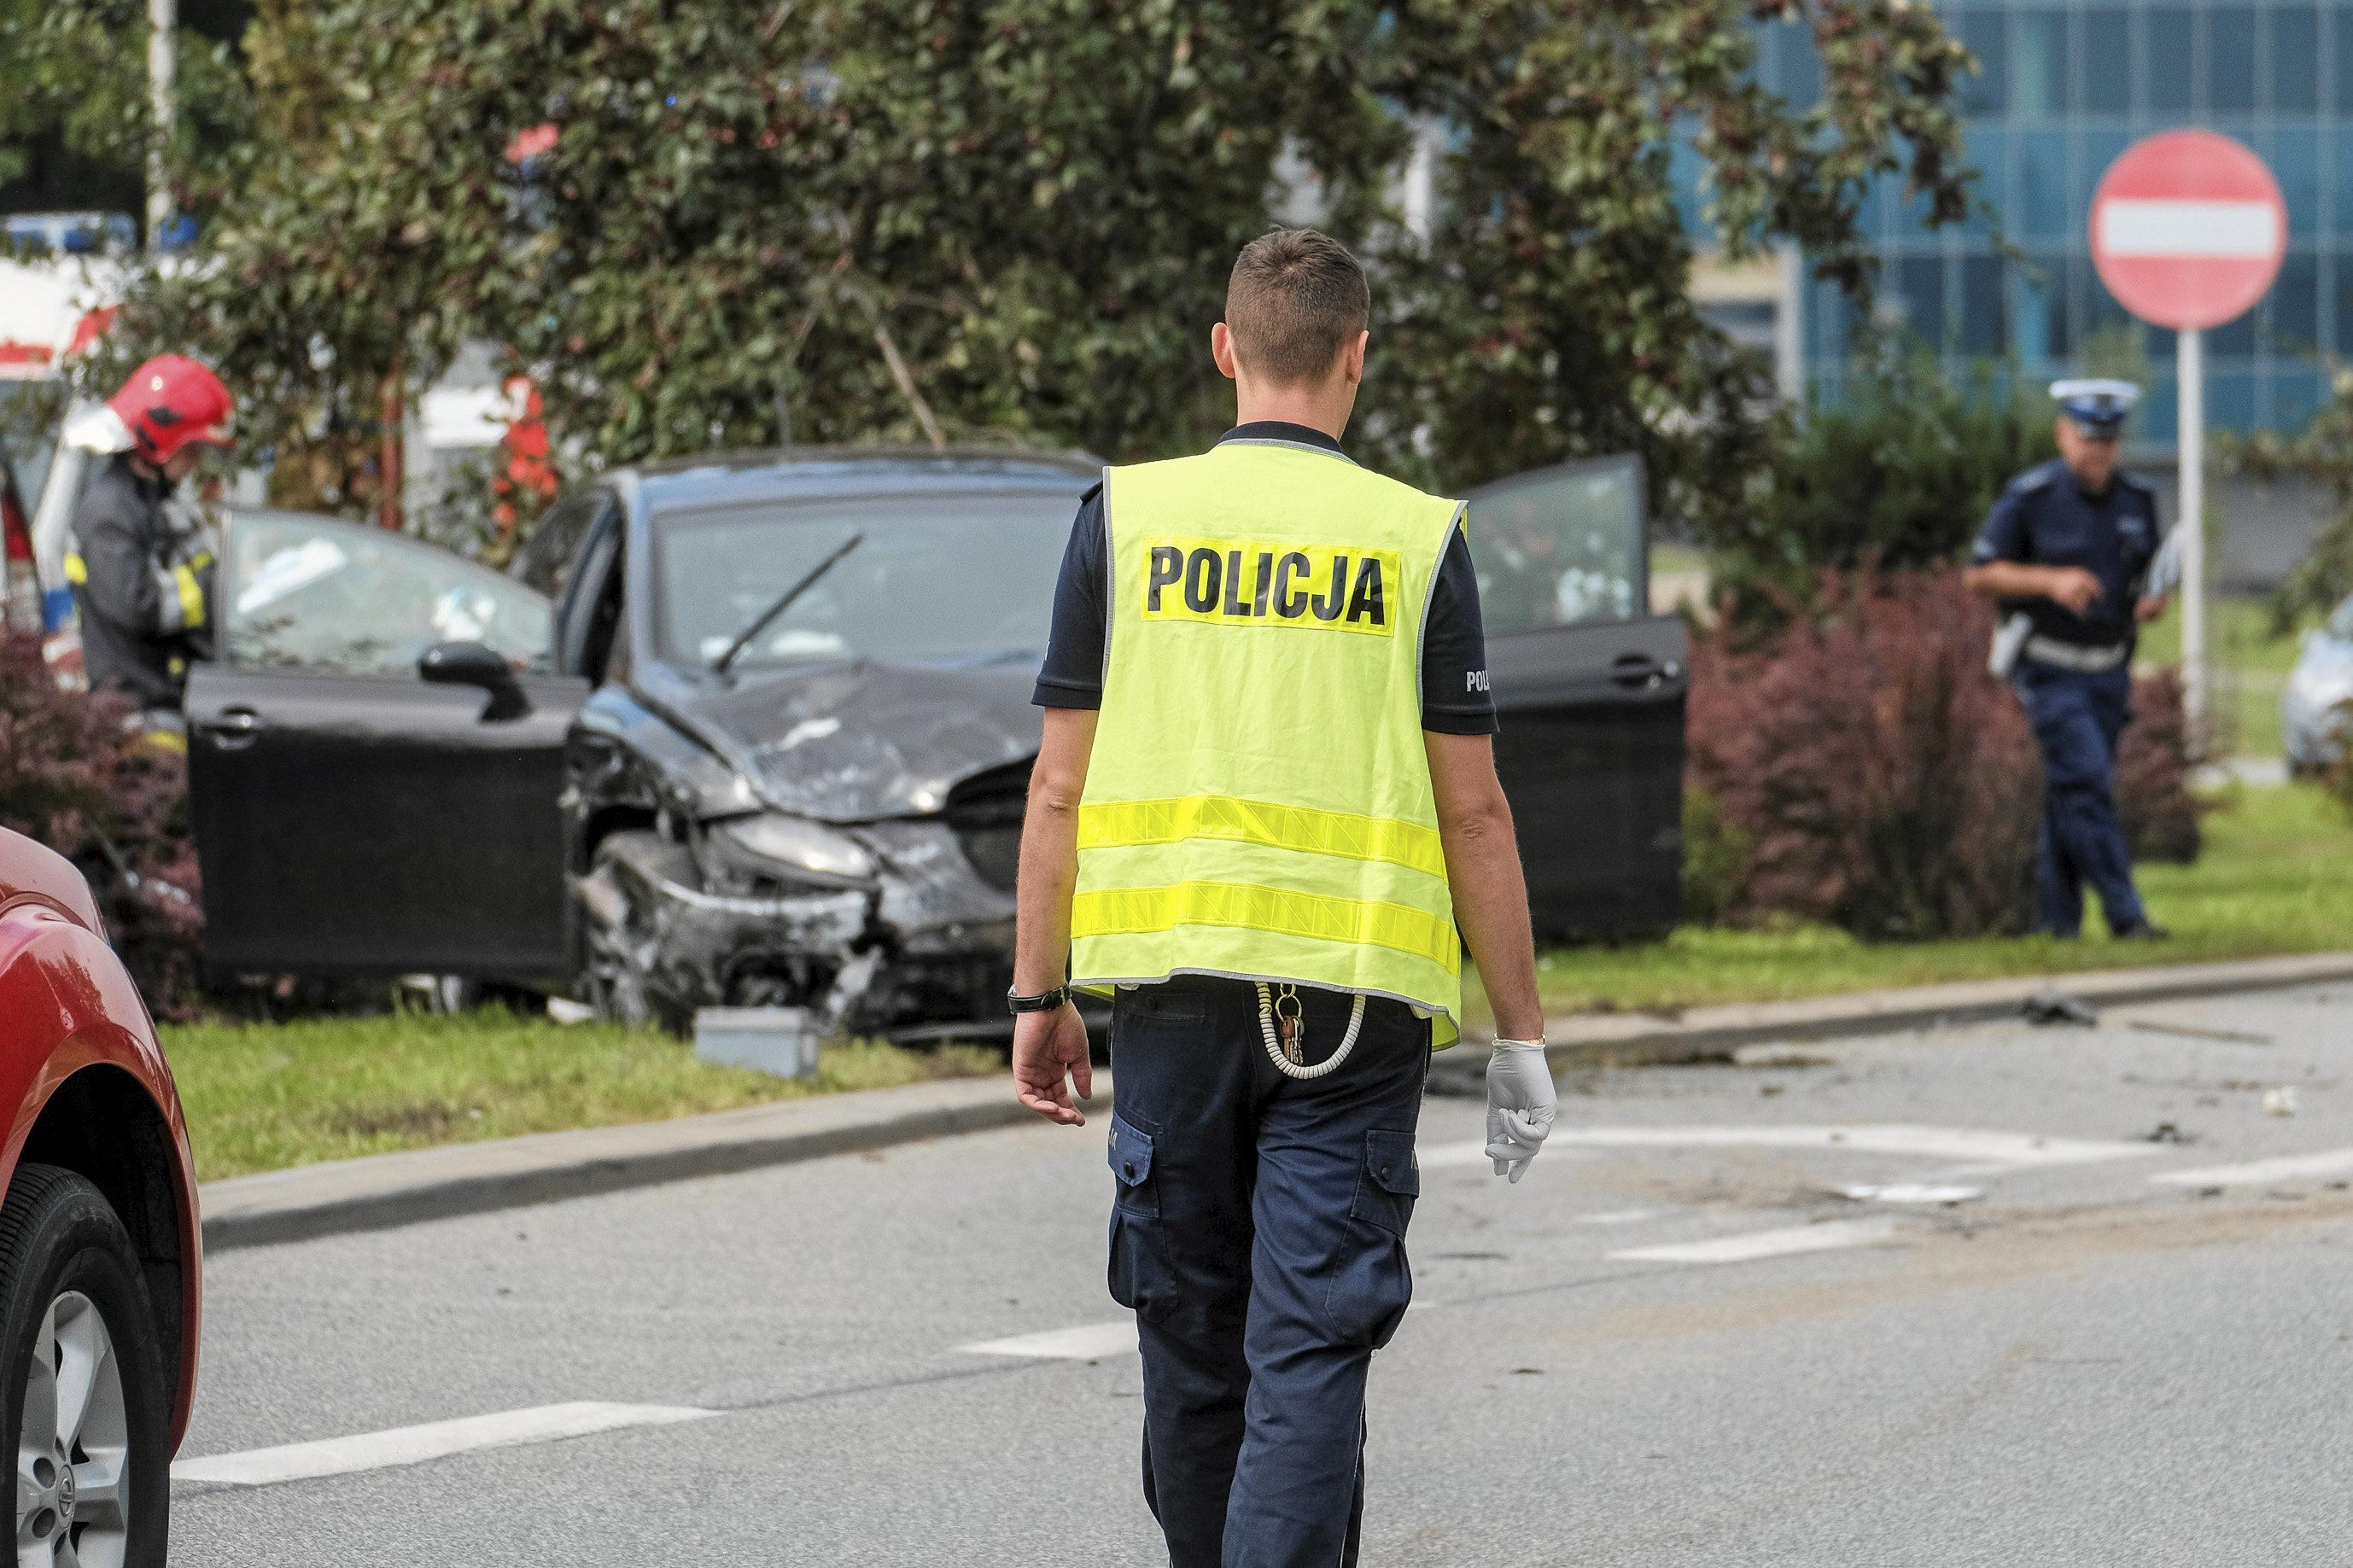 Kandydaci Na Policjantów Są W Szoku Gdy Okazuje Się że W Policji